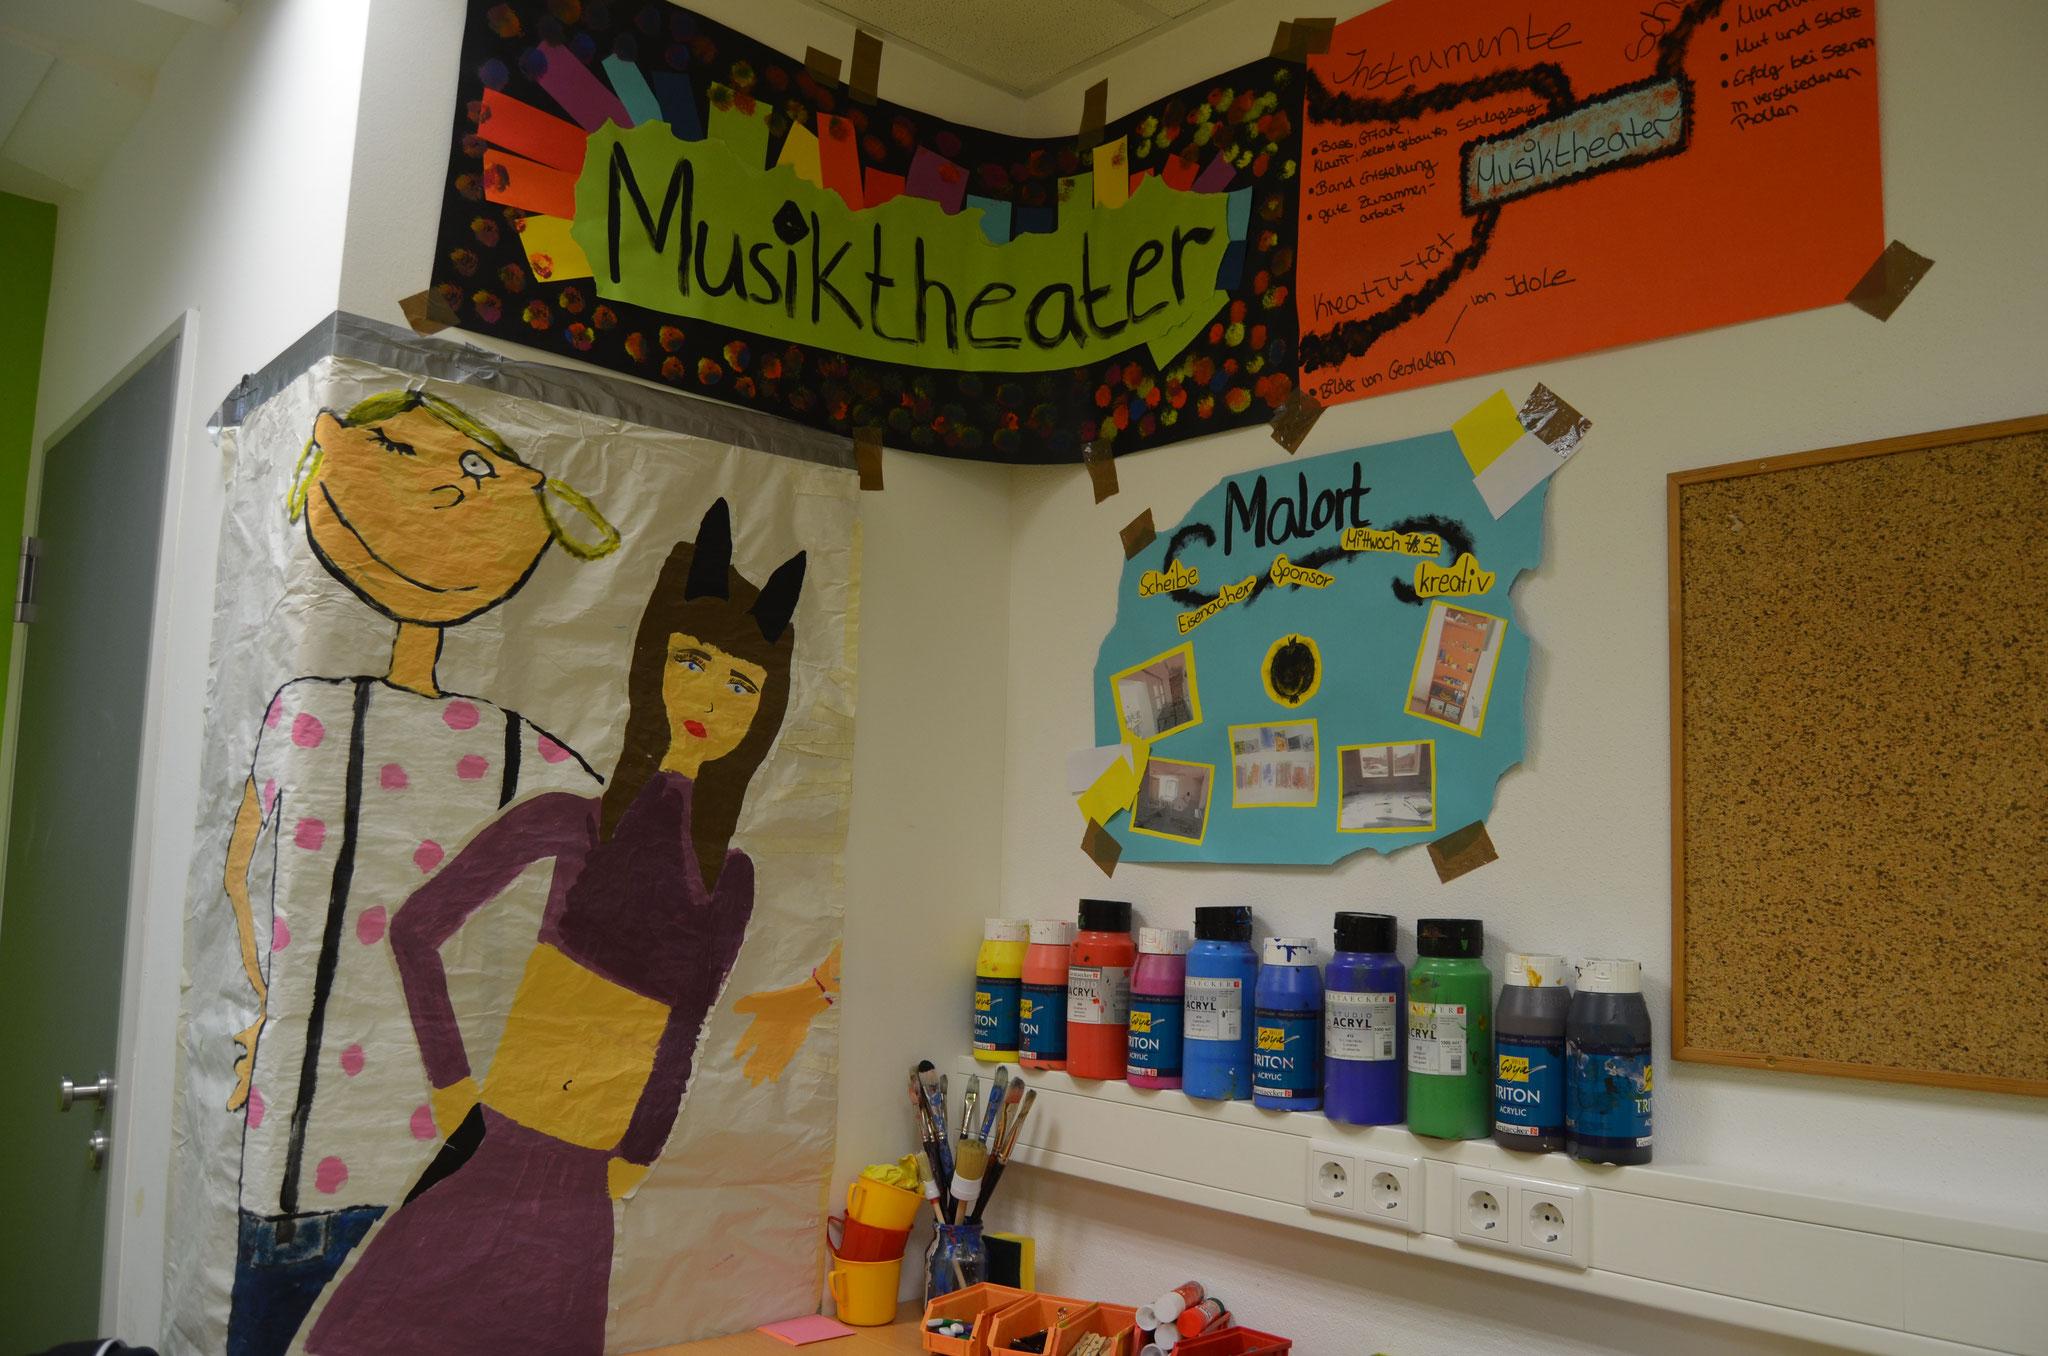 Die Ausstellung gleich neben dem Eltern-Café ließ einen Einblick in die kulturellen Aktivitäten der letzten 2 Jahre zu.